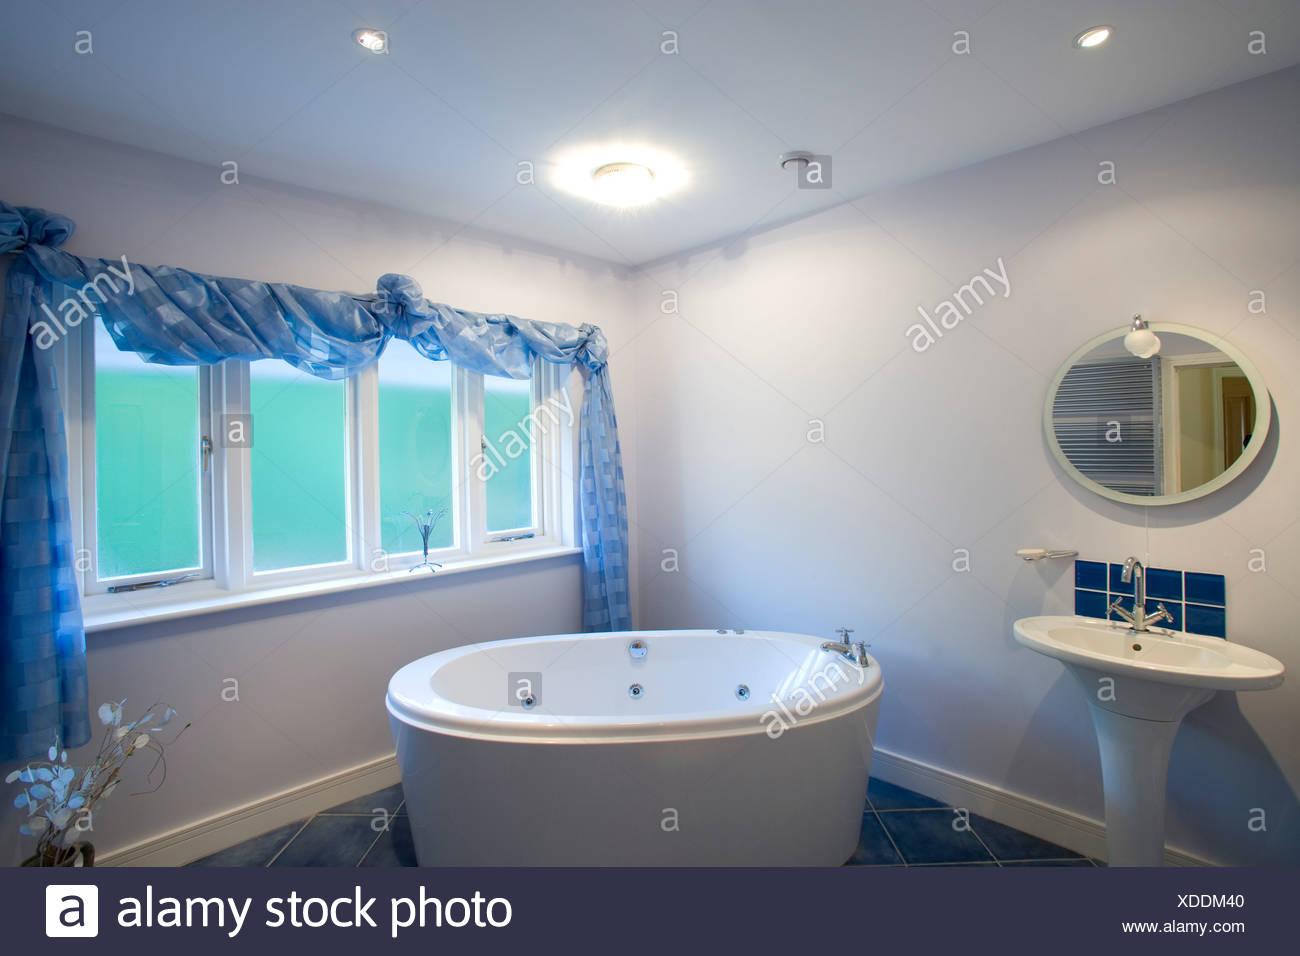 modernes Badezimmer mit Whirlpool-Badewanne Stockfoto, Bild ...